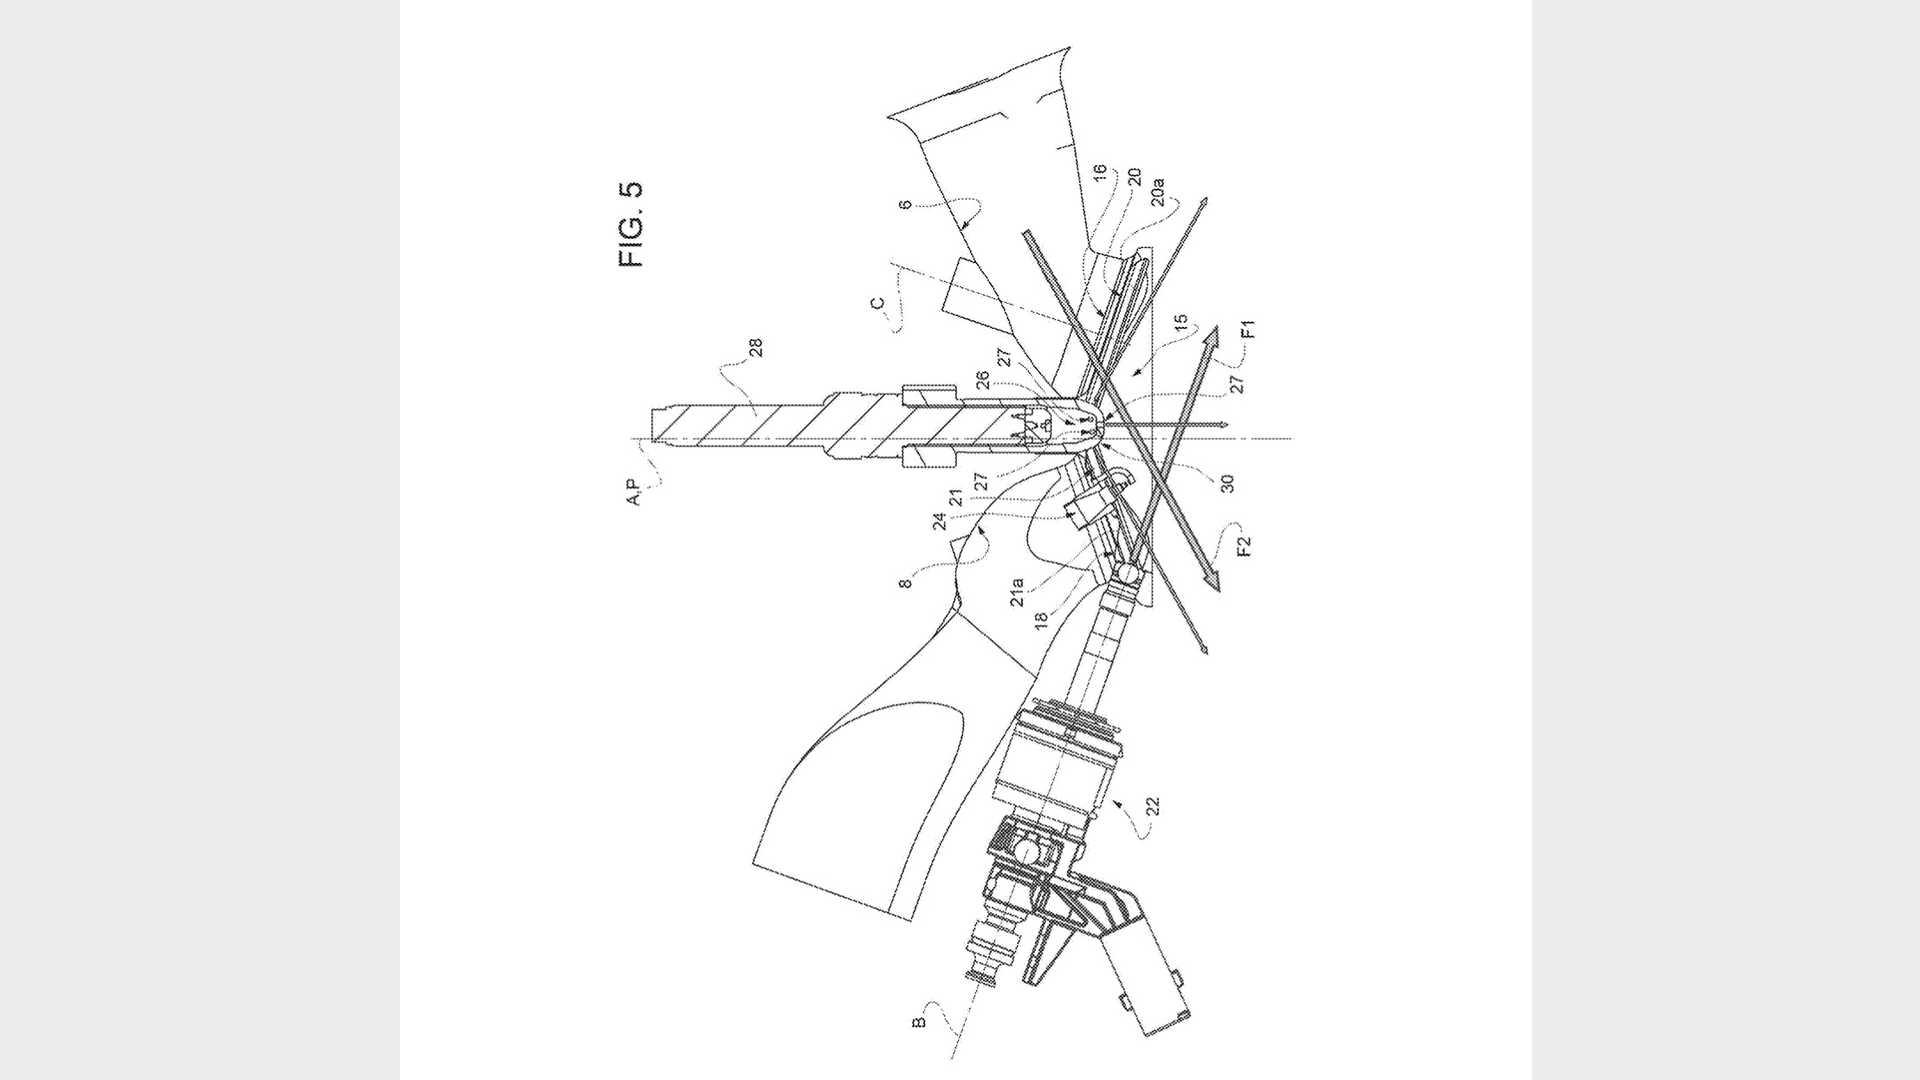 Ferrari-V12-engine-patent-5